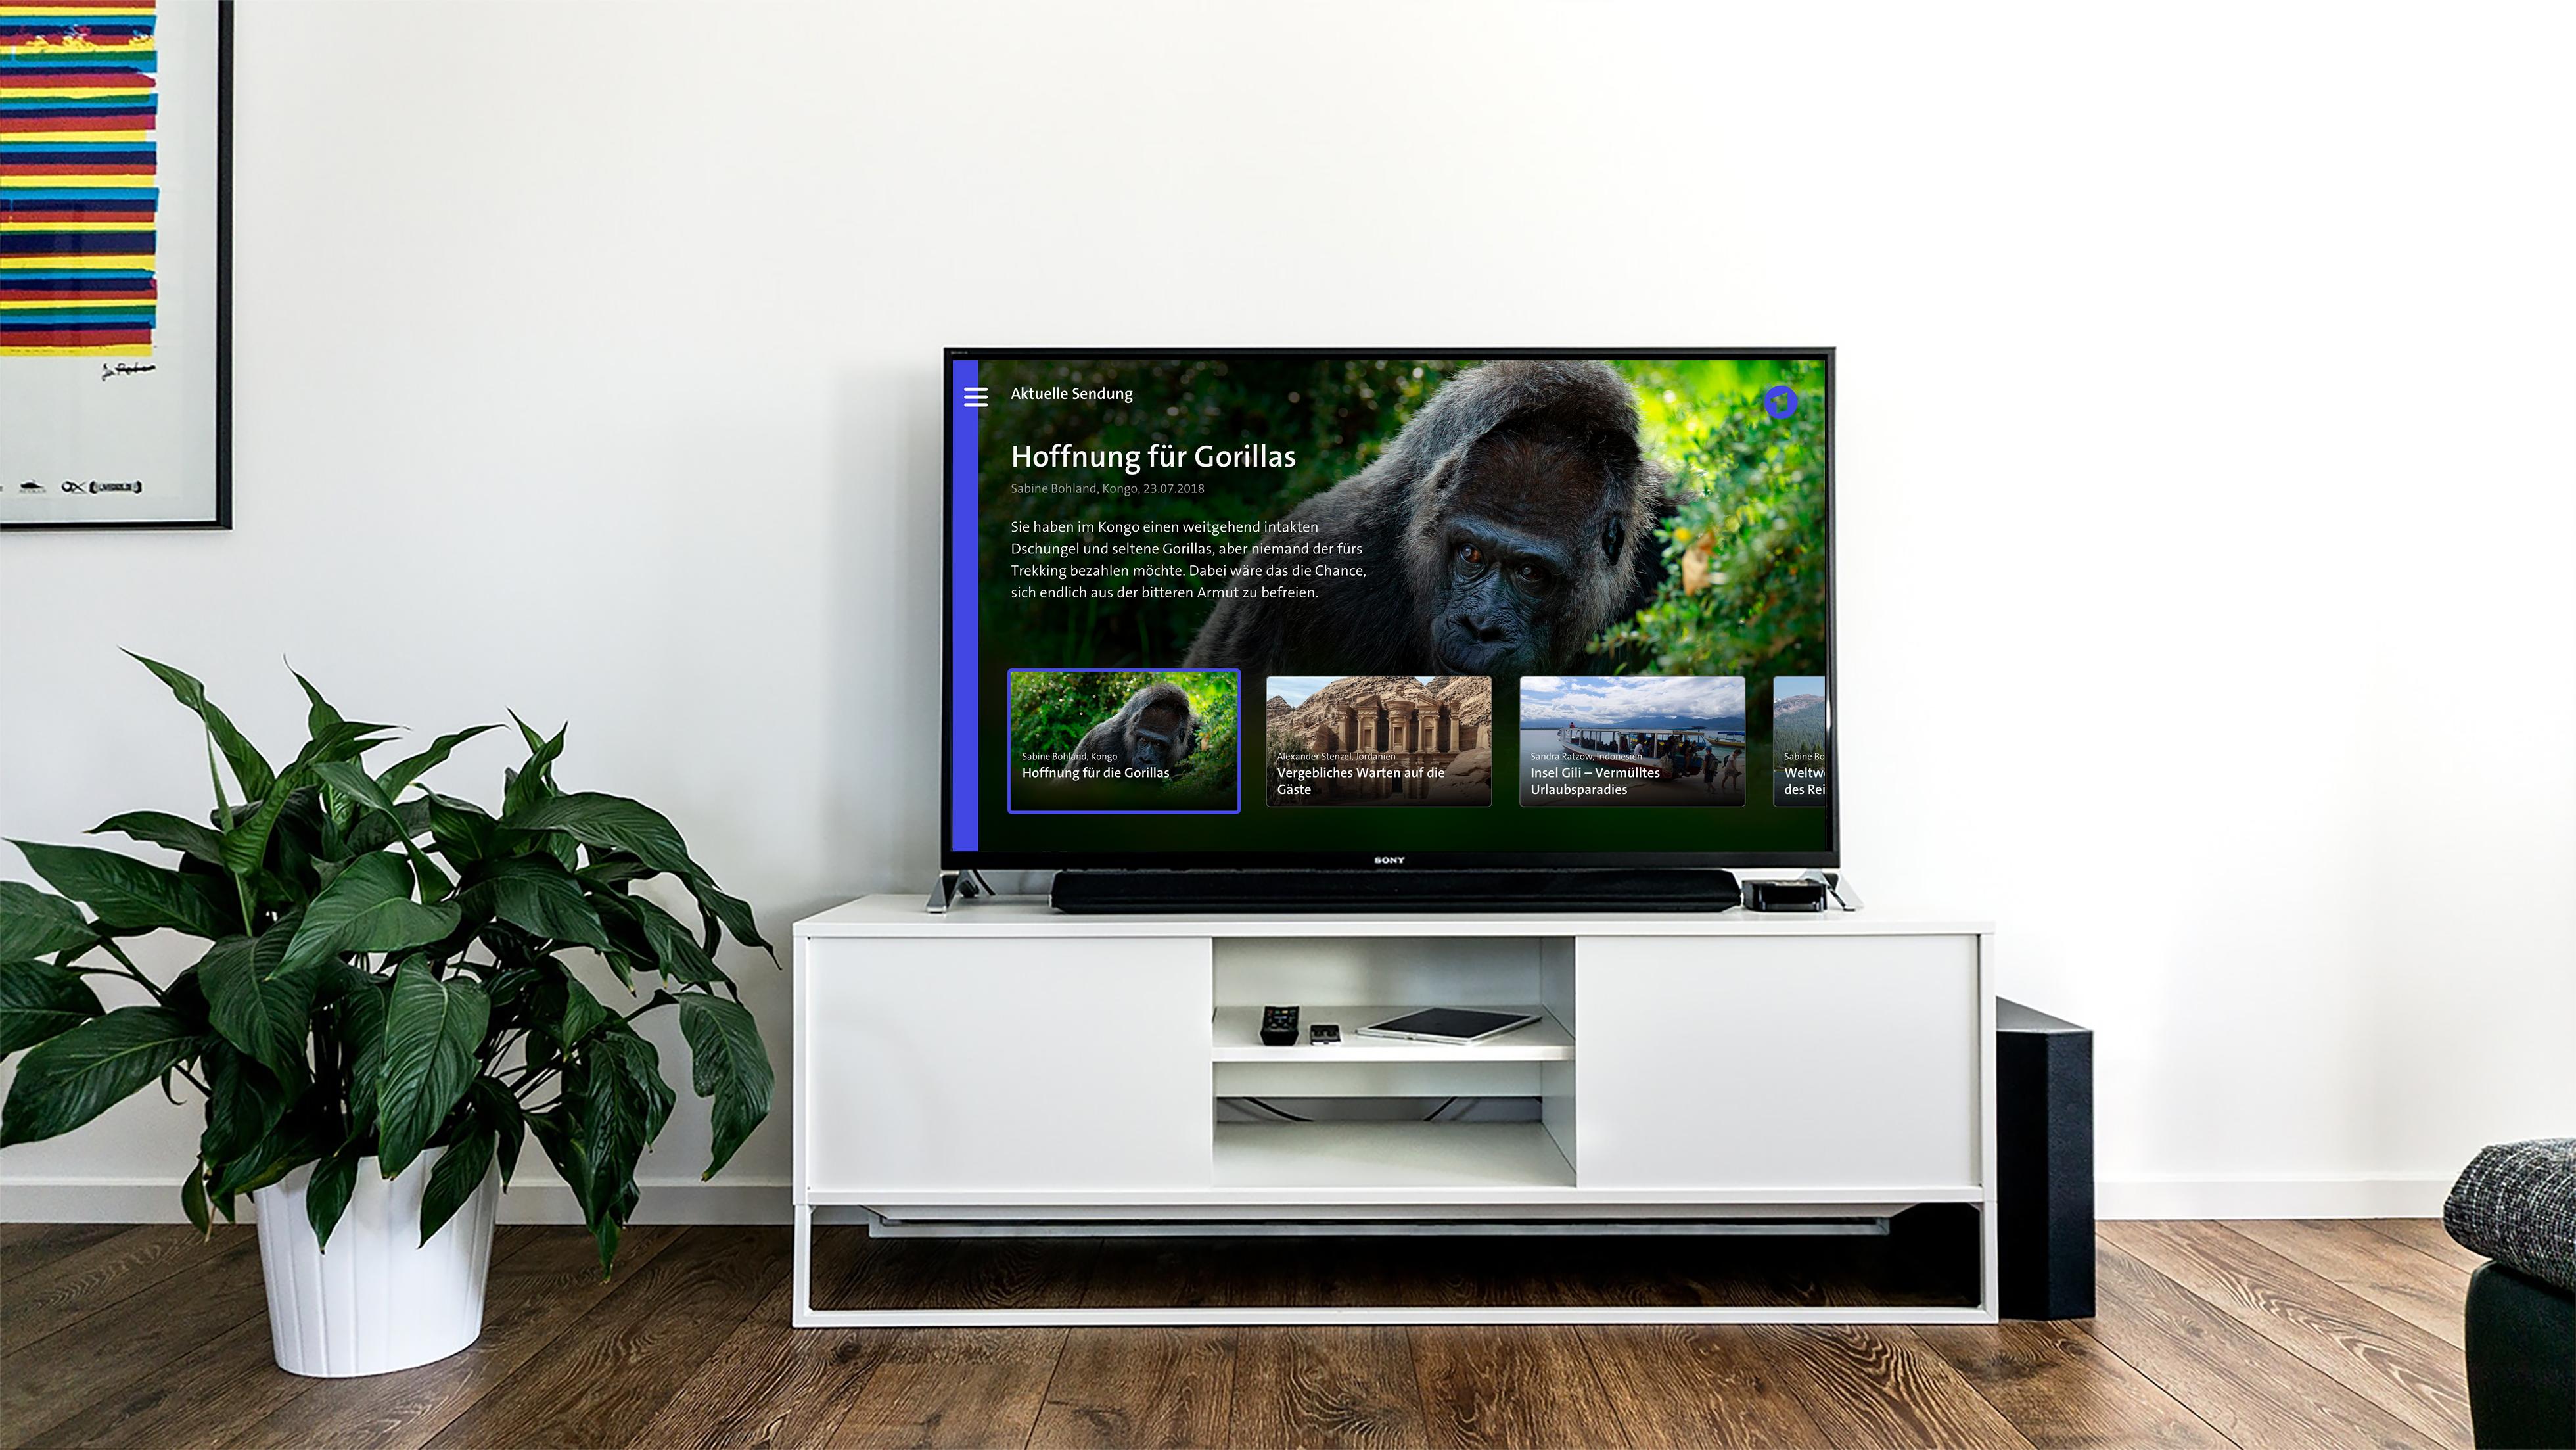 Wohnzimmer mit Smart TV